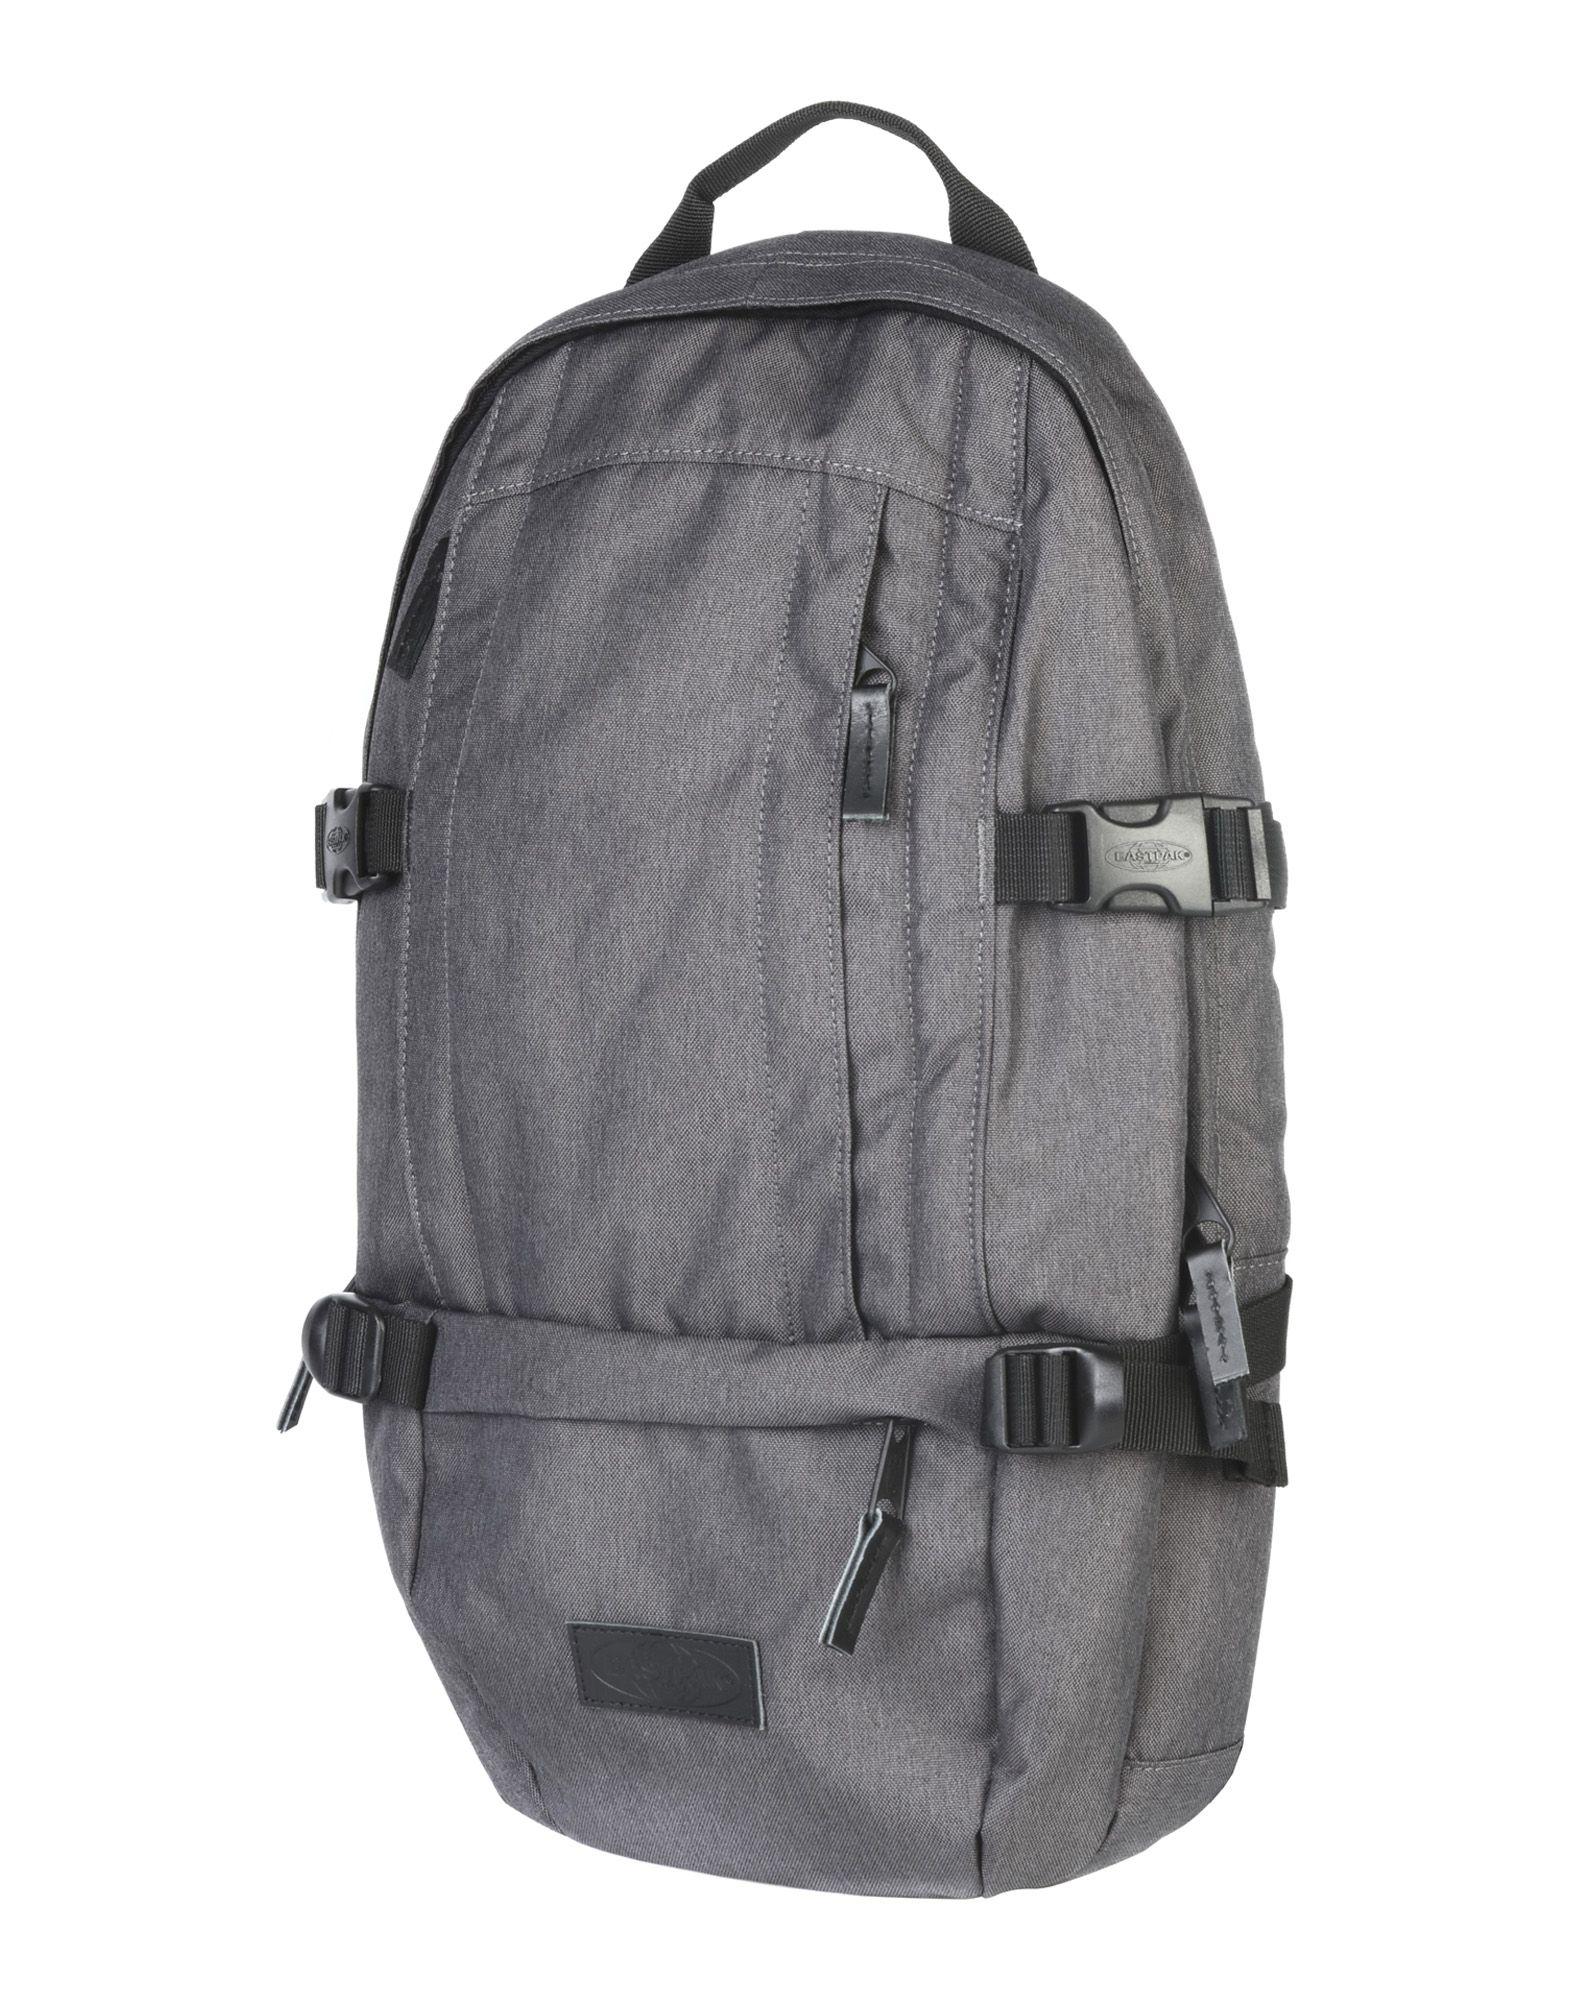 EASTPAK Рюкзаки и сумки на пояс дюна сумки и рюкзаки